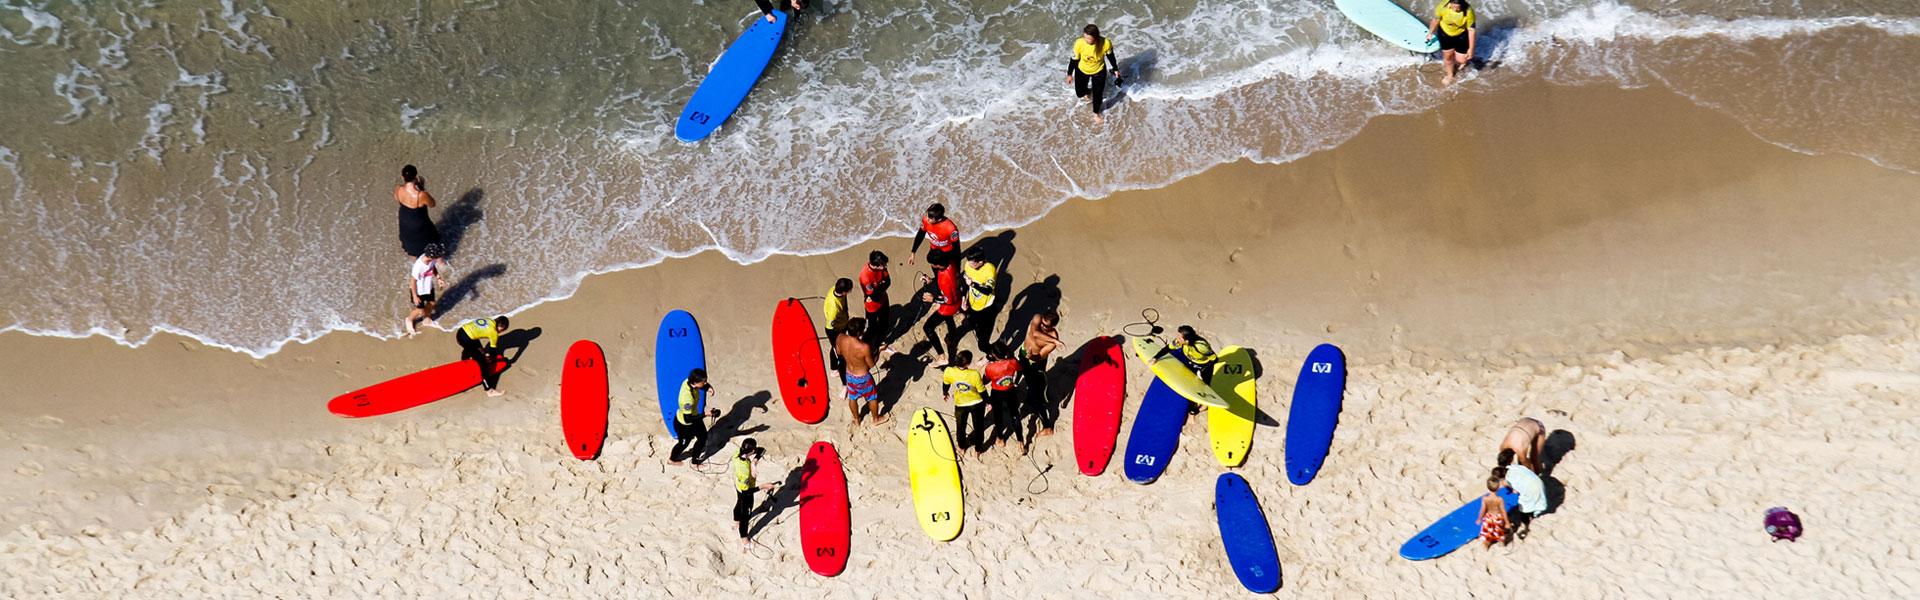 surf-debutant